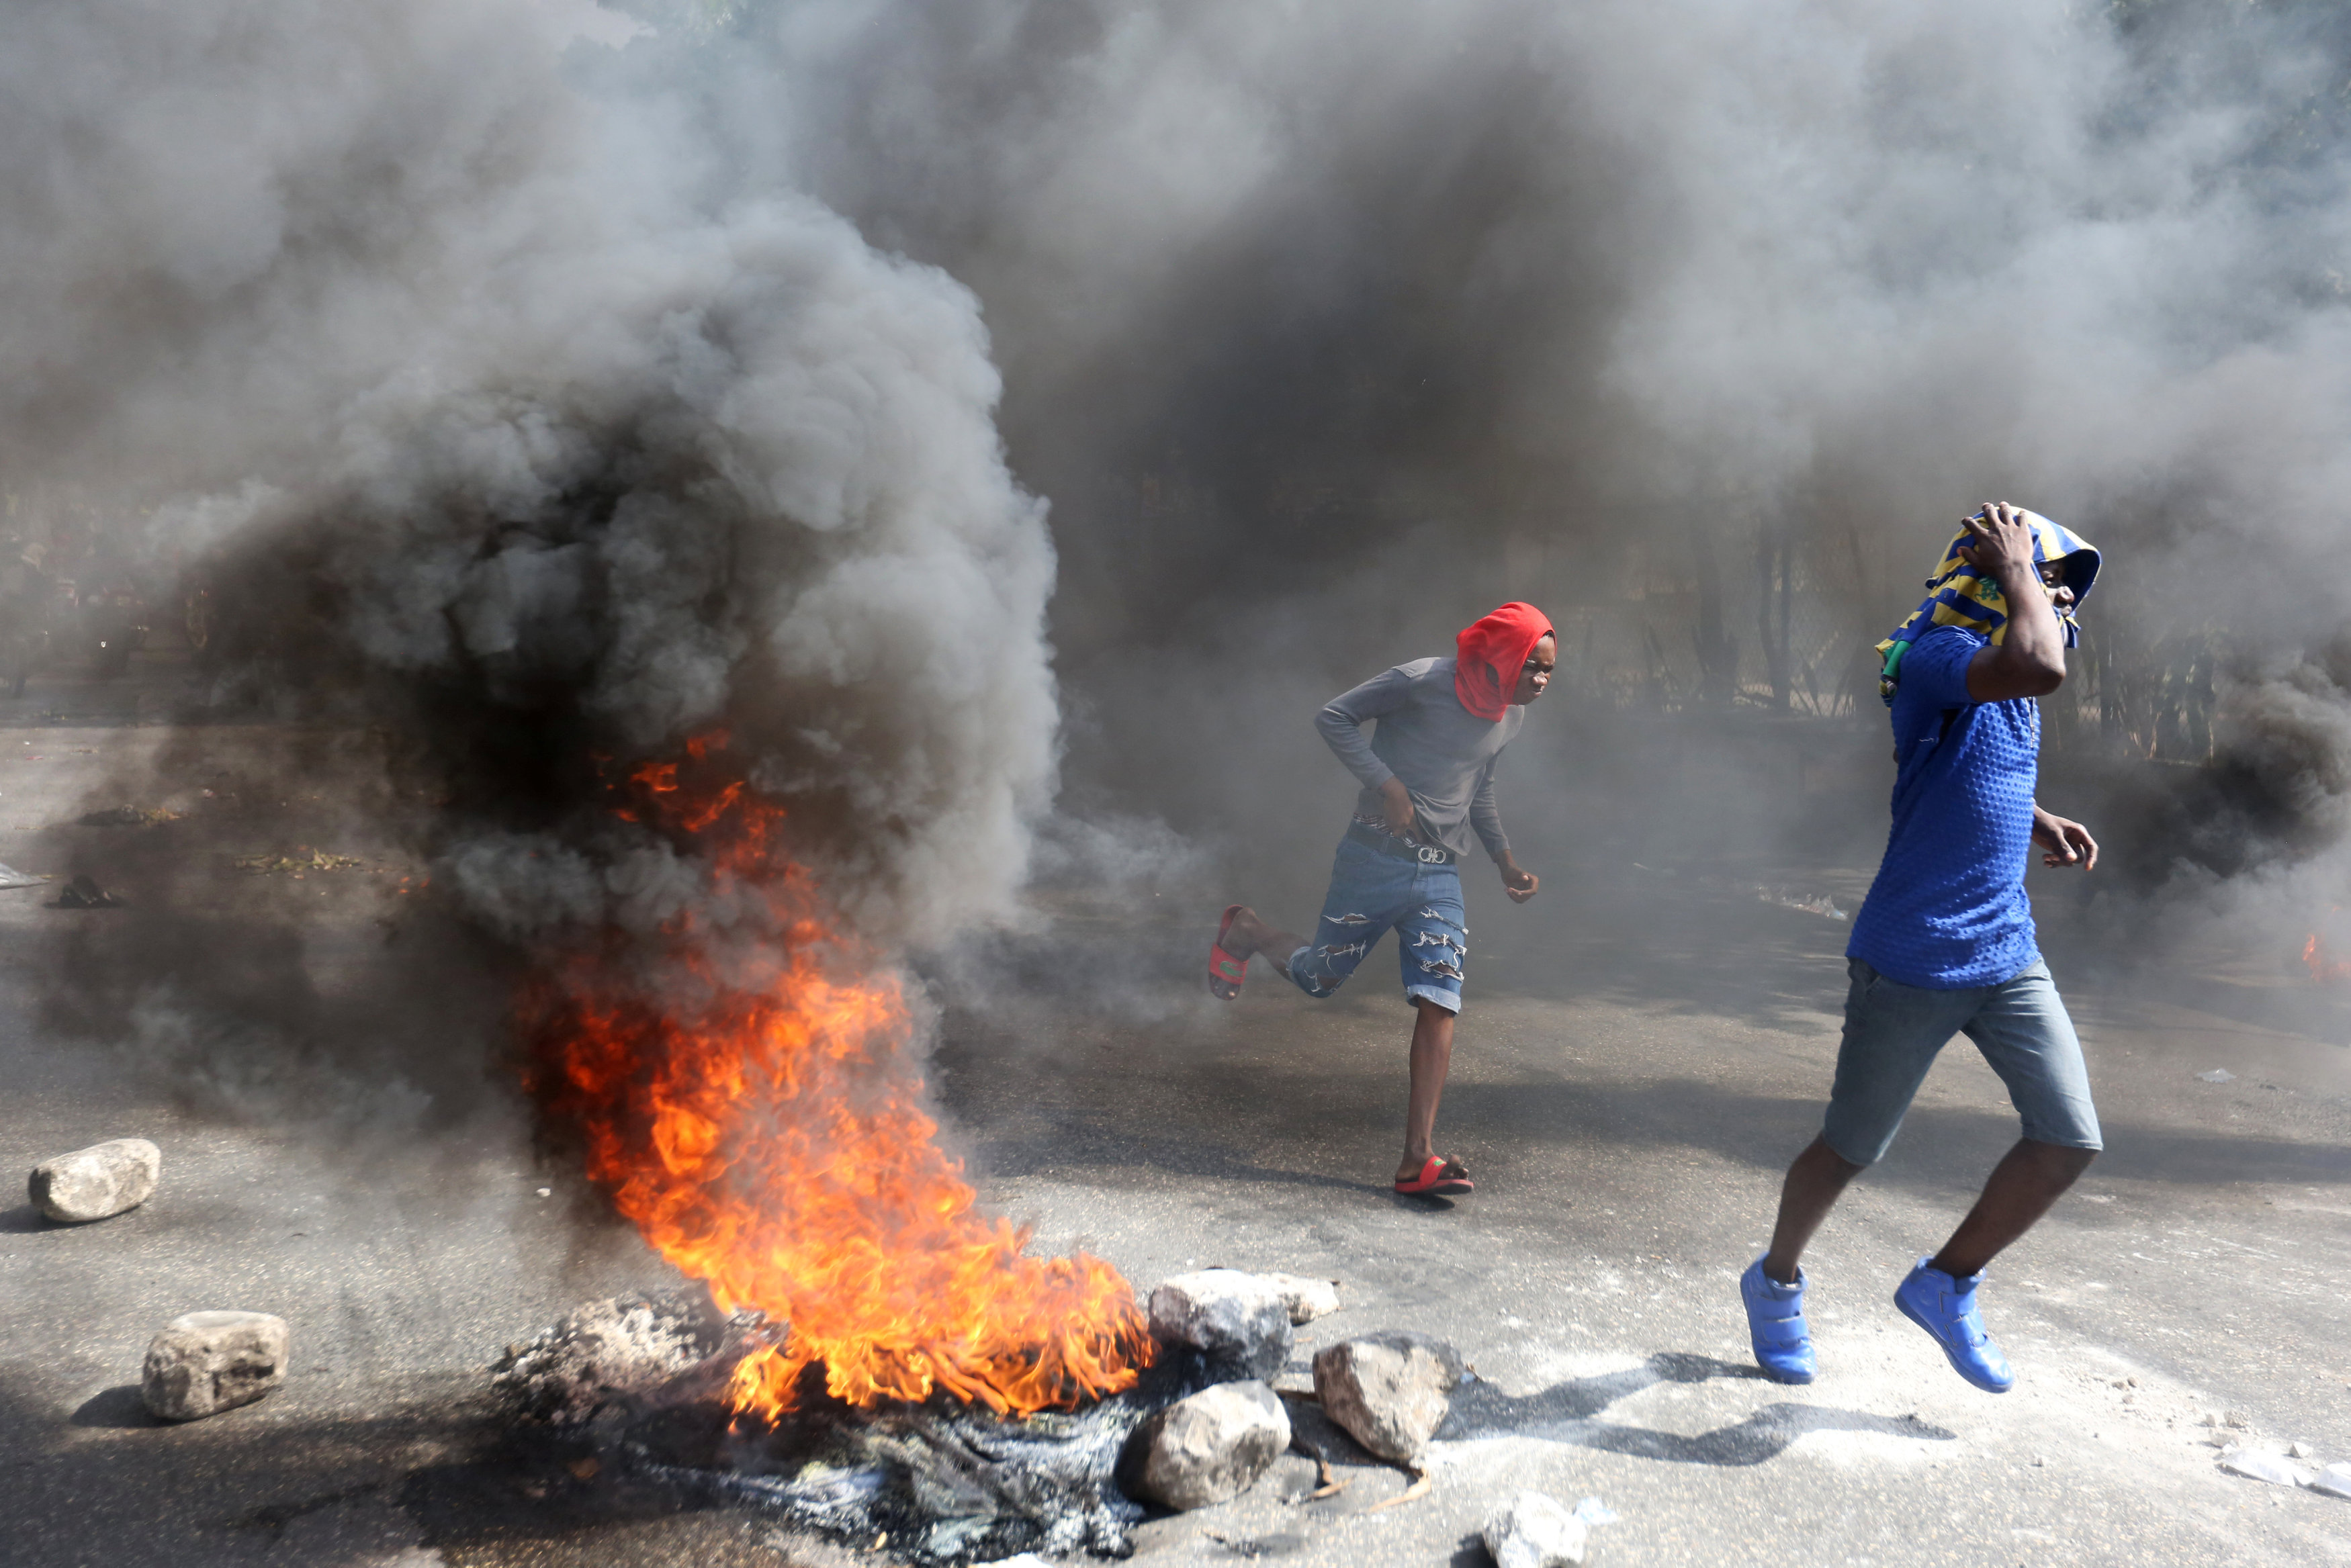 مظاهرات عنيفة فى هايتى بسبب الفساد (5)